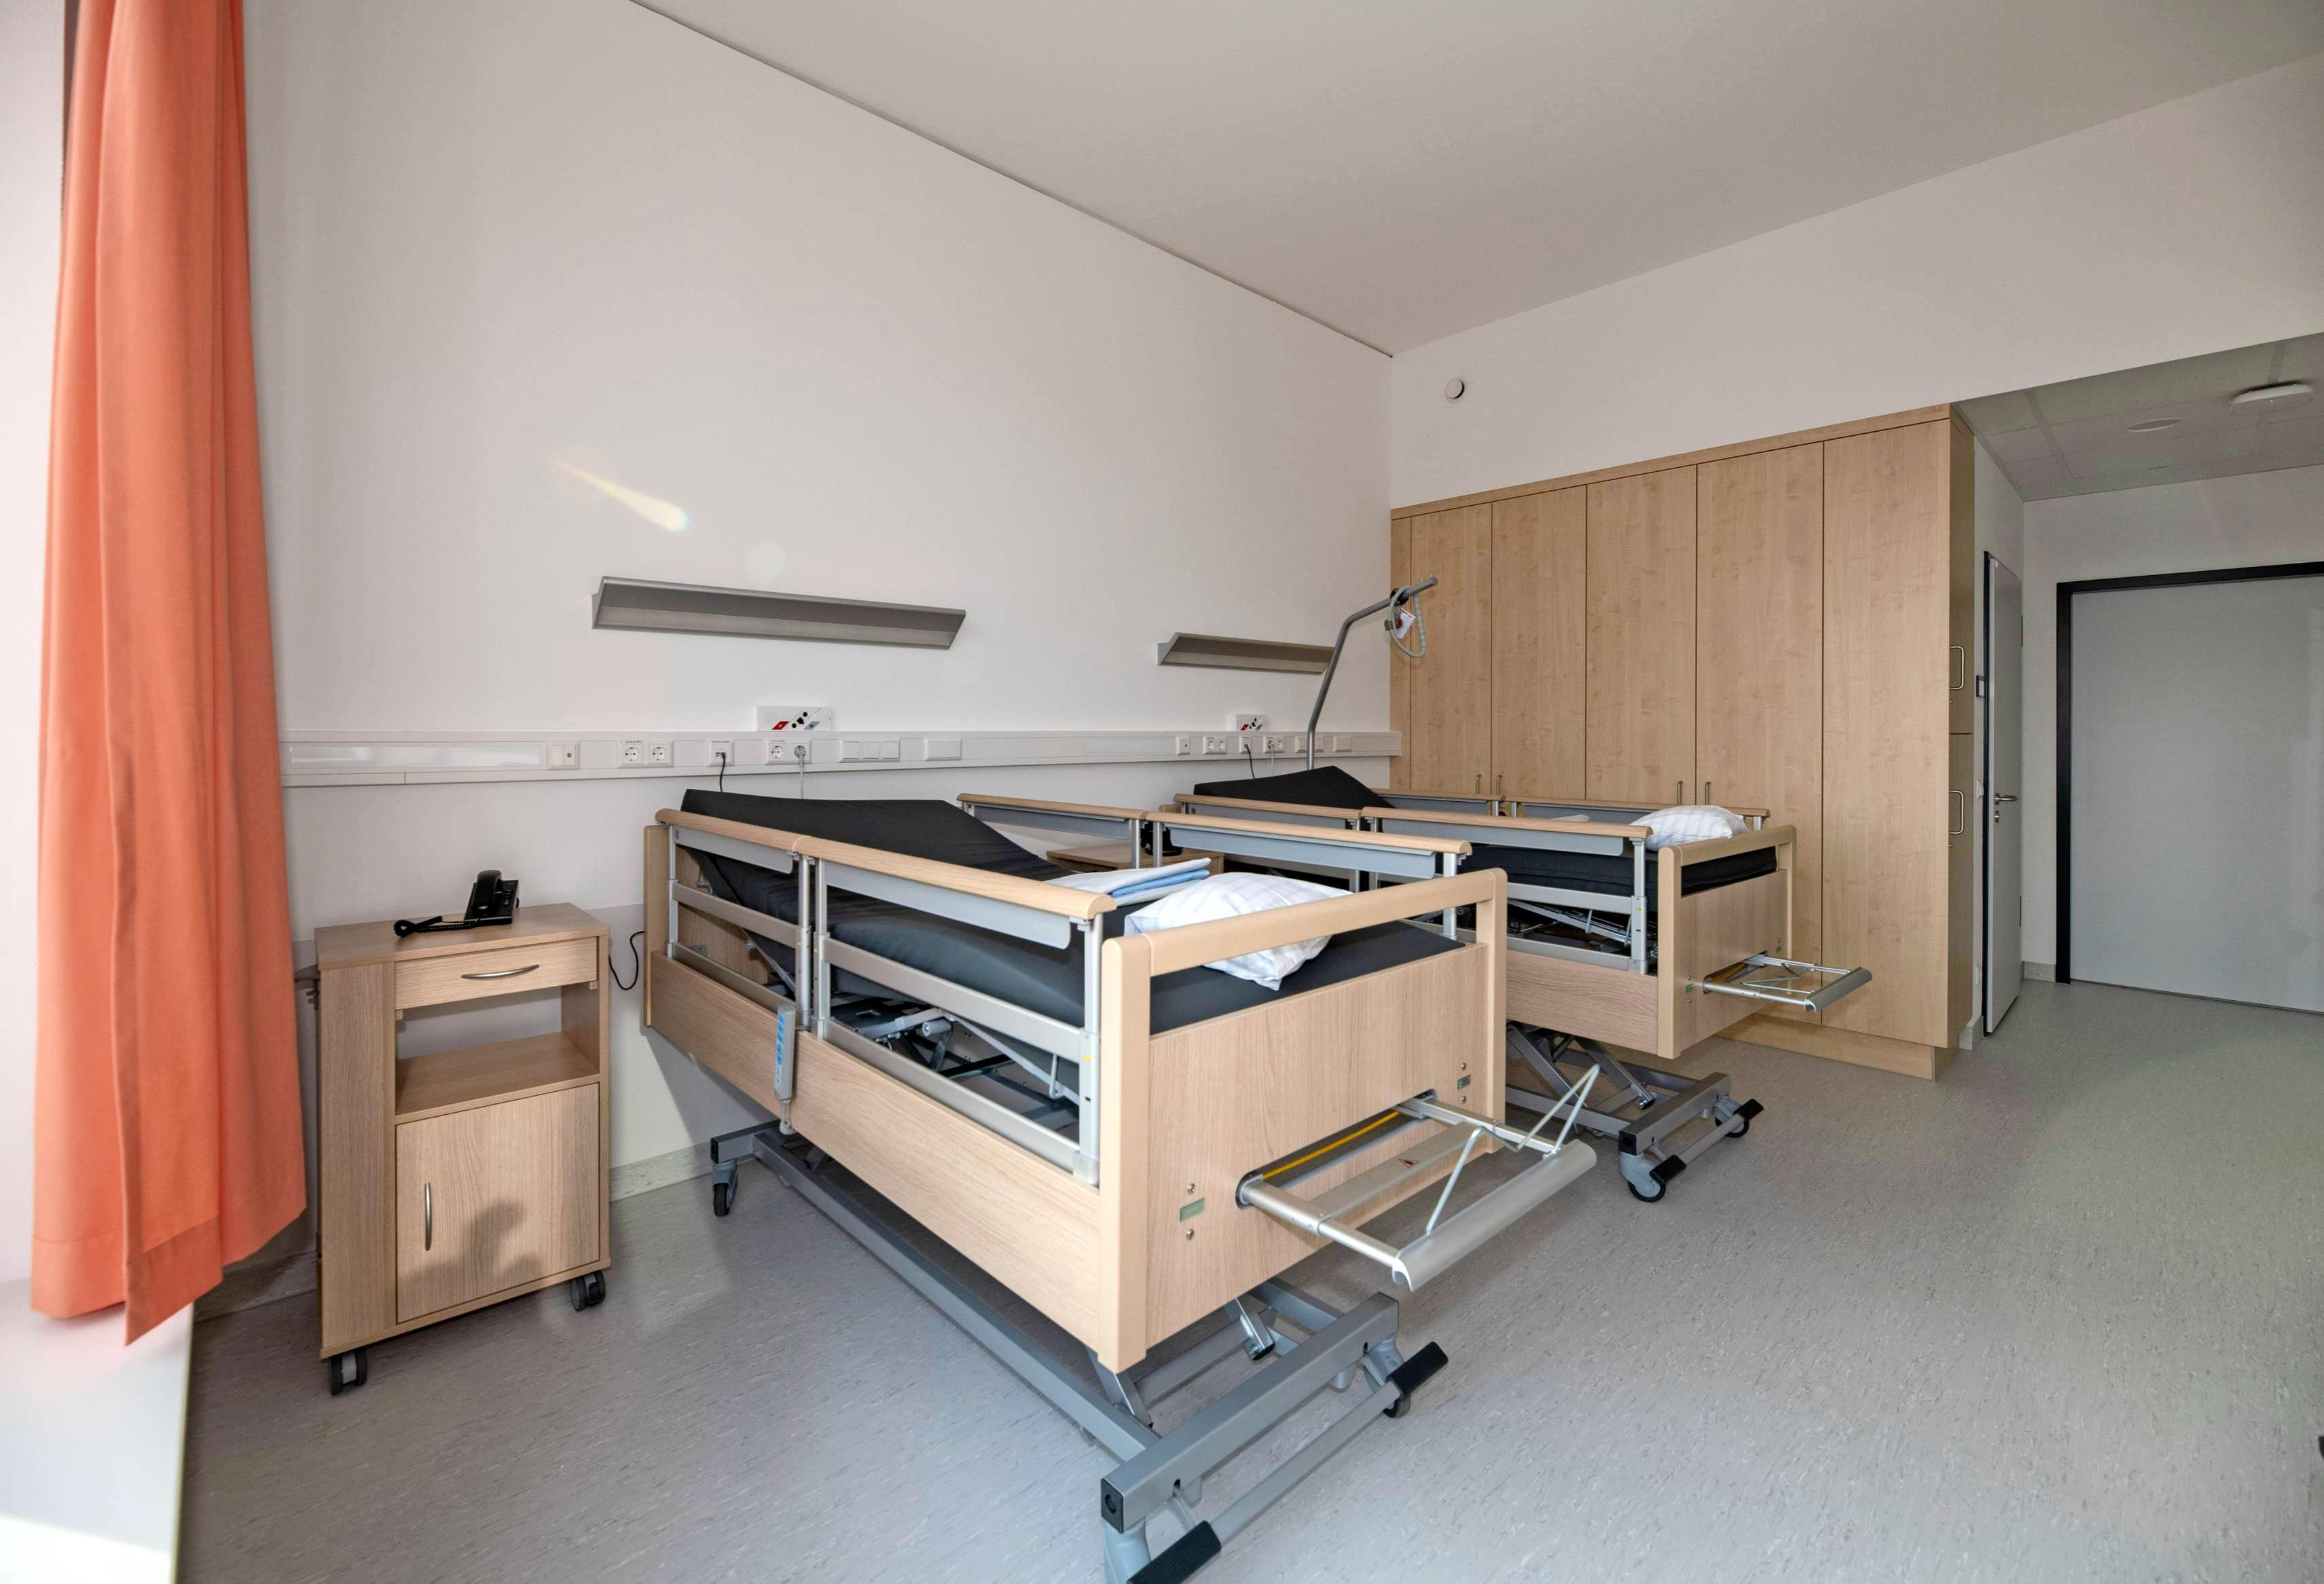 Die Zweibettzimmer der Geriatrischen Rehaklinik wirken hell und freundlich. Jeder Raum hat ein eigenes Duschbad.